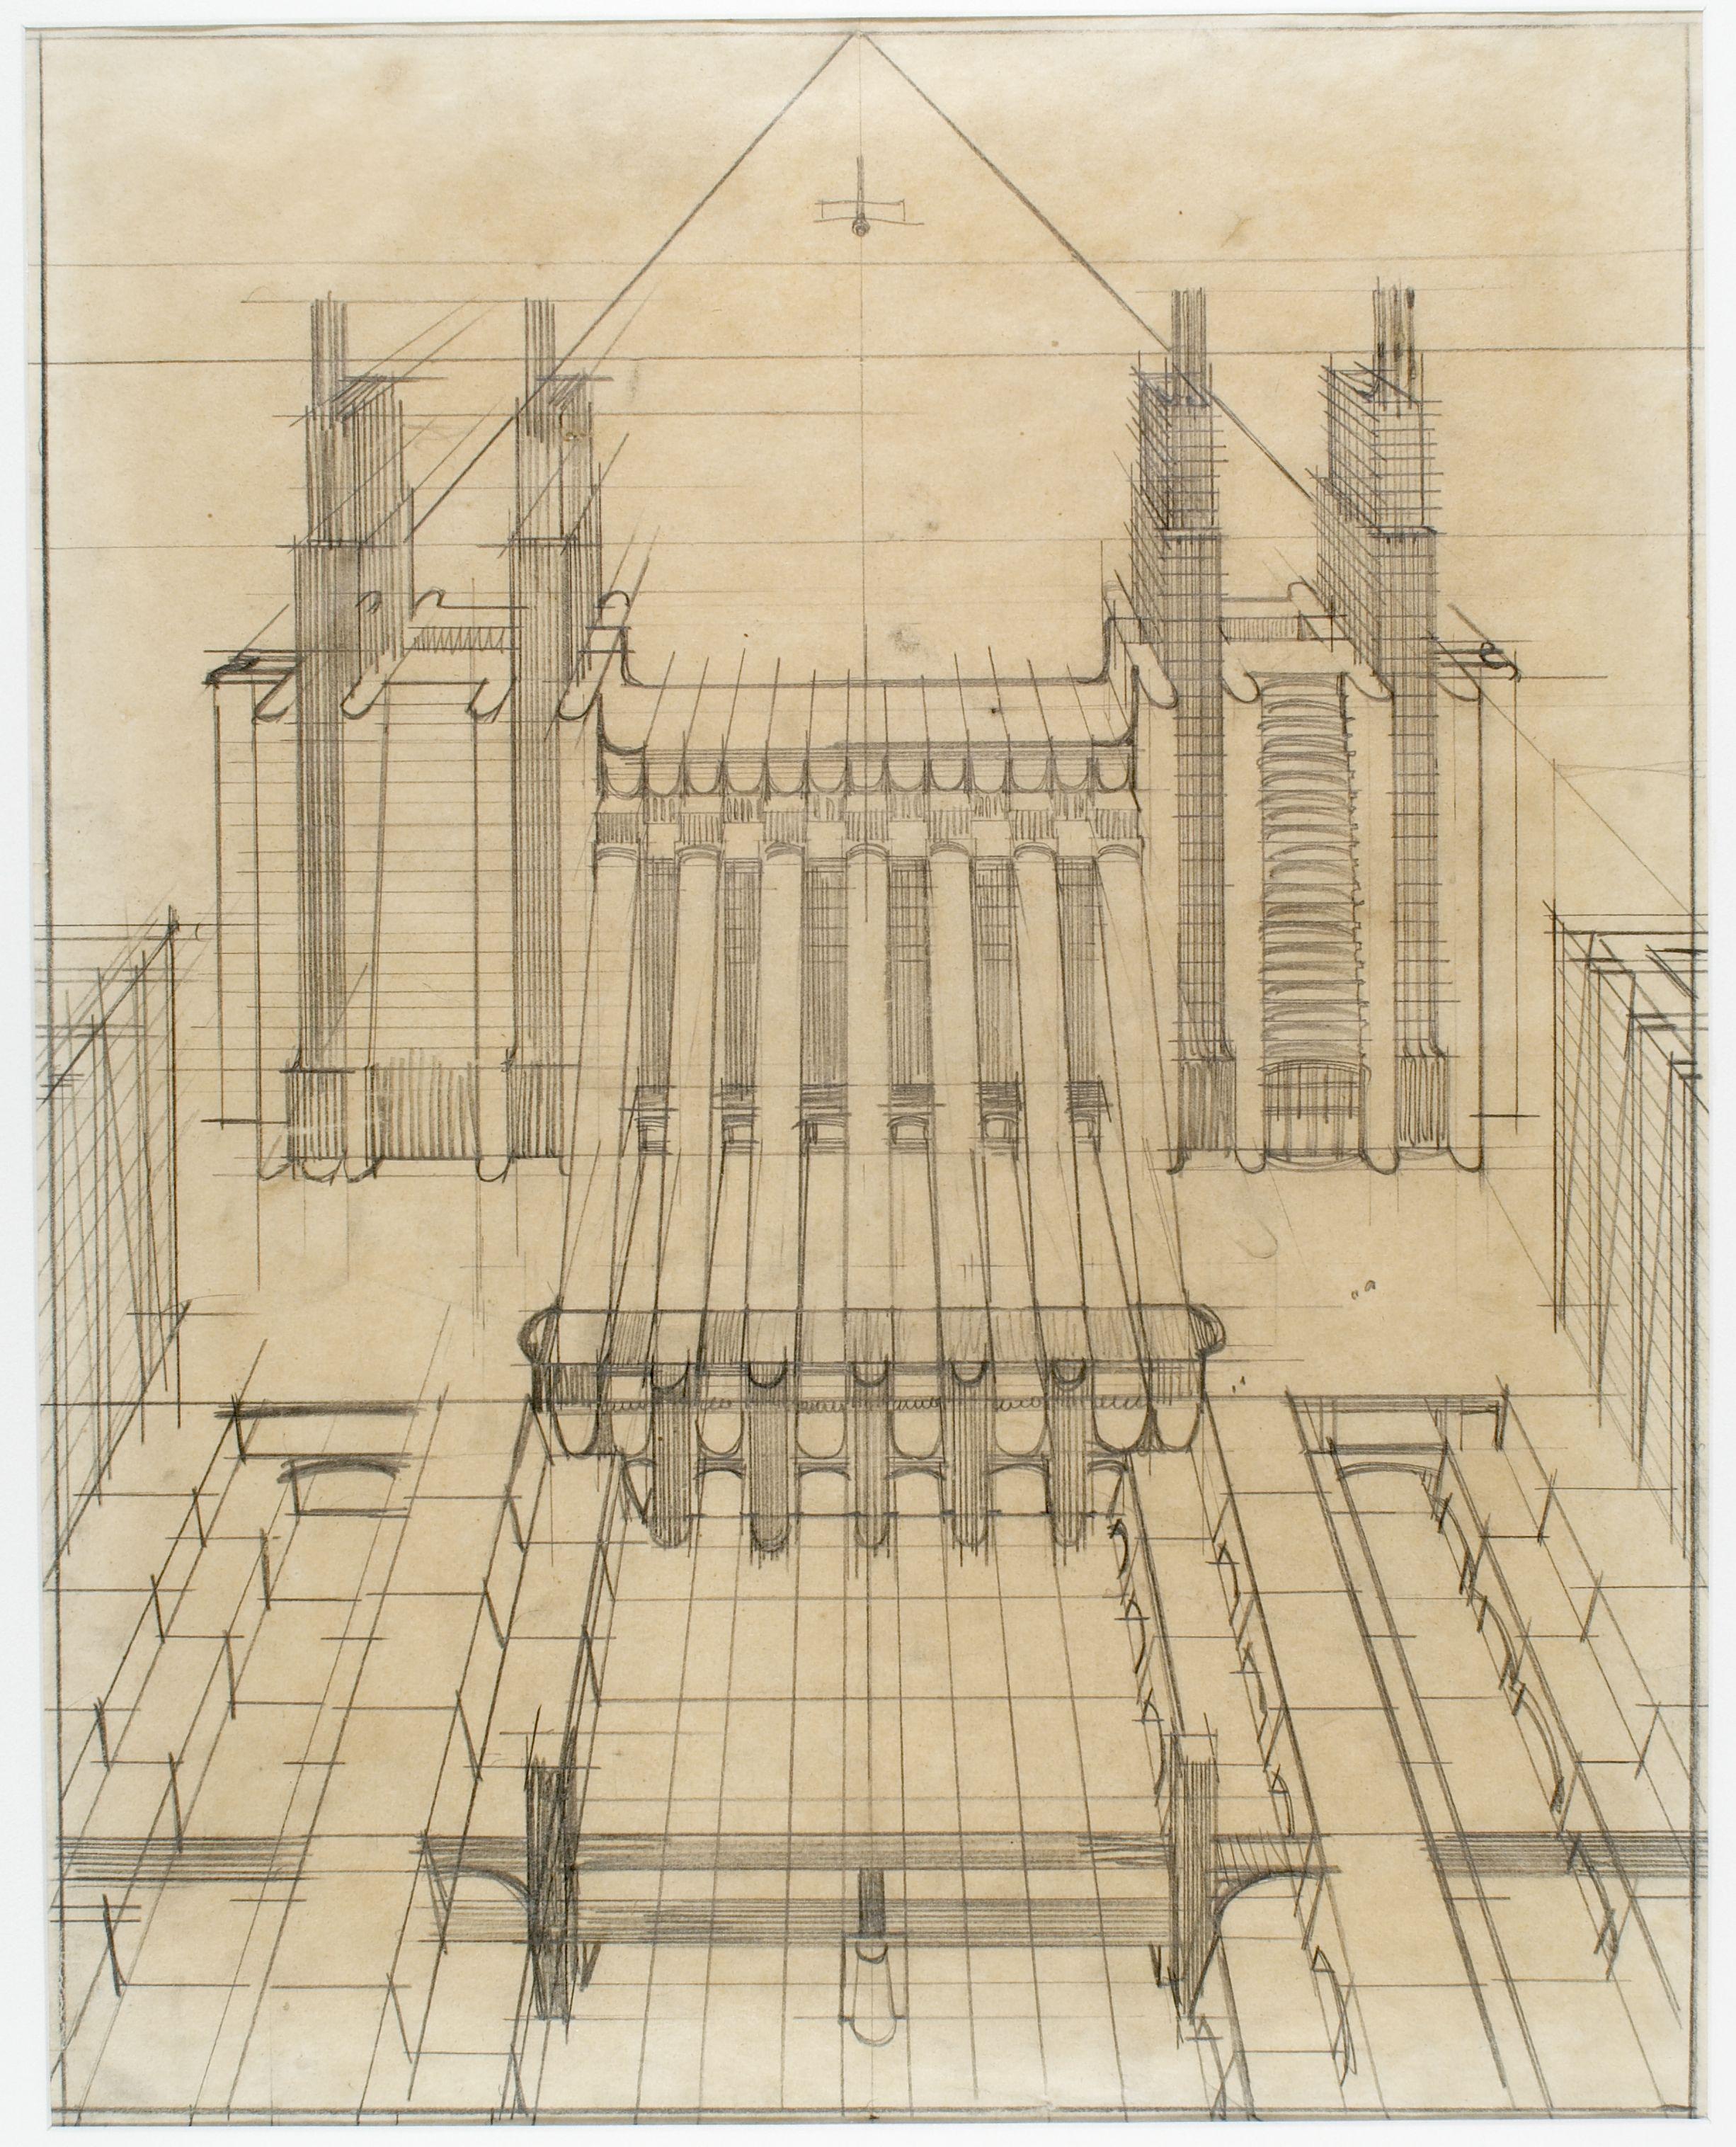 Progetto Nuova stazione Centrale, Milano 1914, ANTONIO SANT'ELIA #Stazione #Station #Utopia